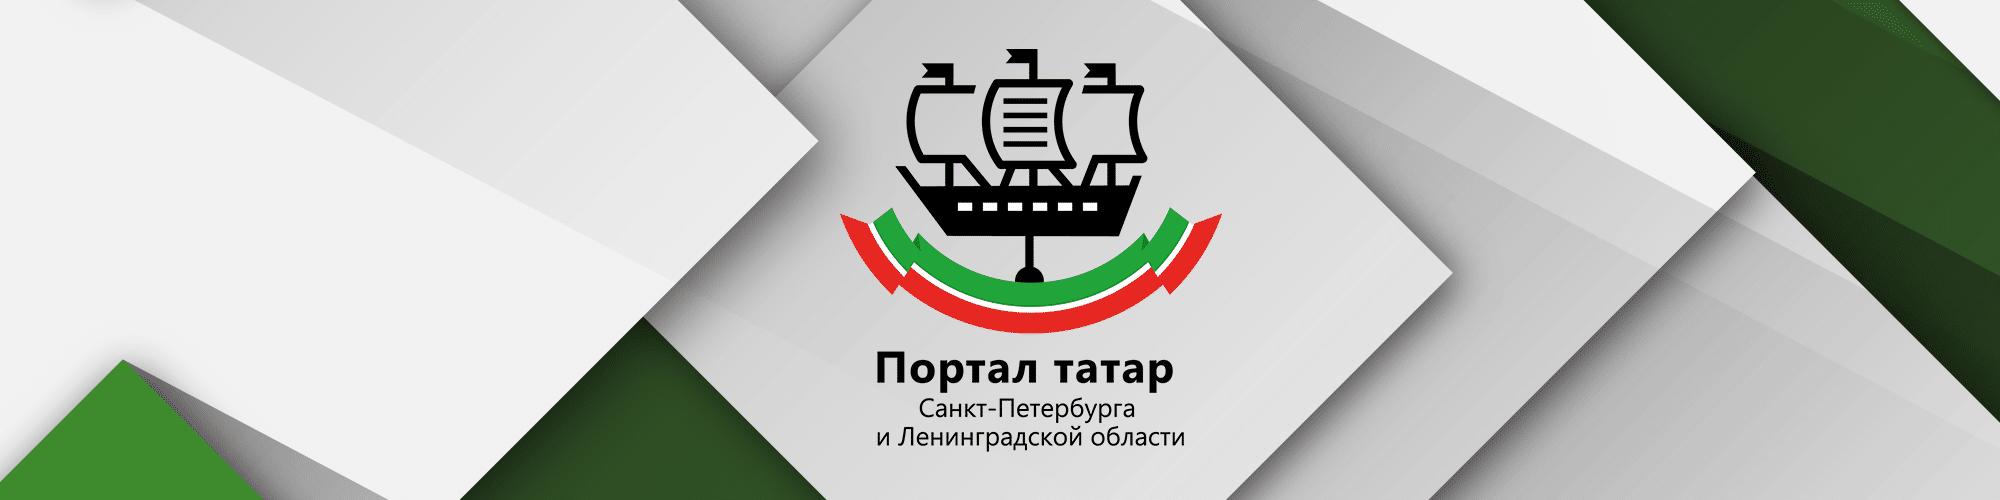 Портал татар Санкт-Петербурга и Ленинградской области